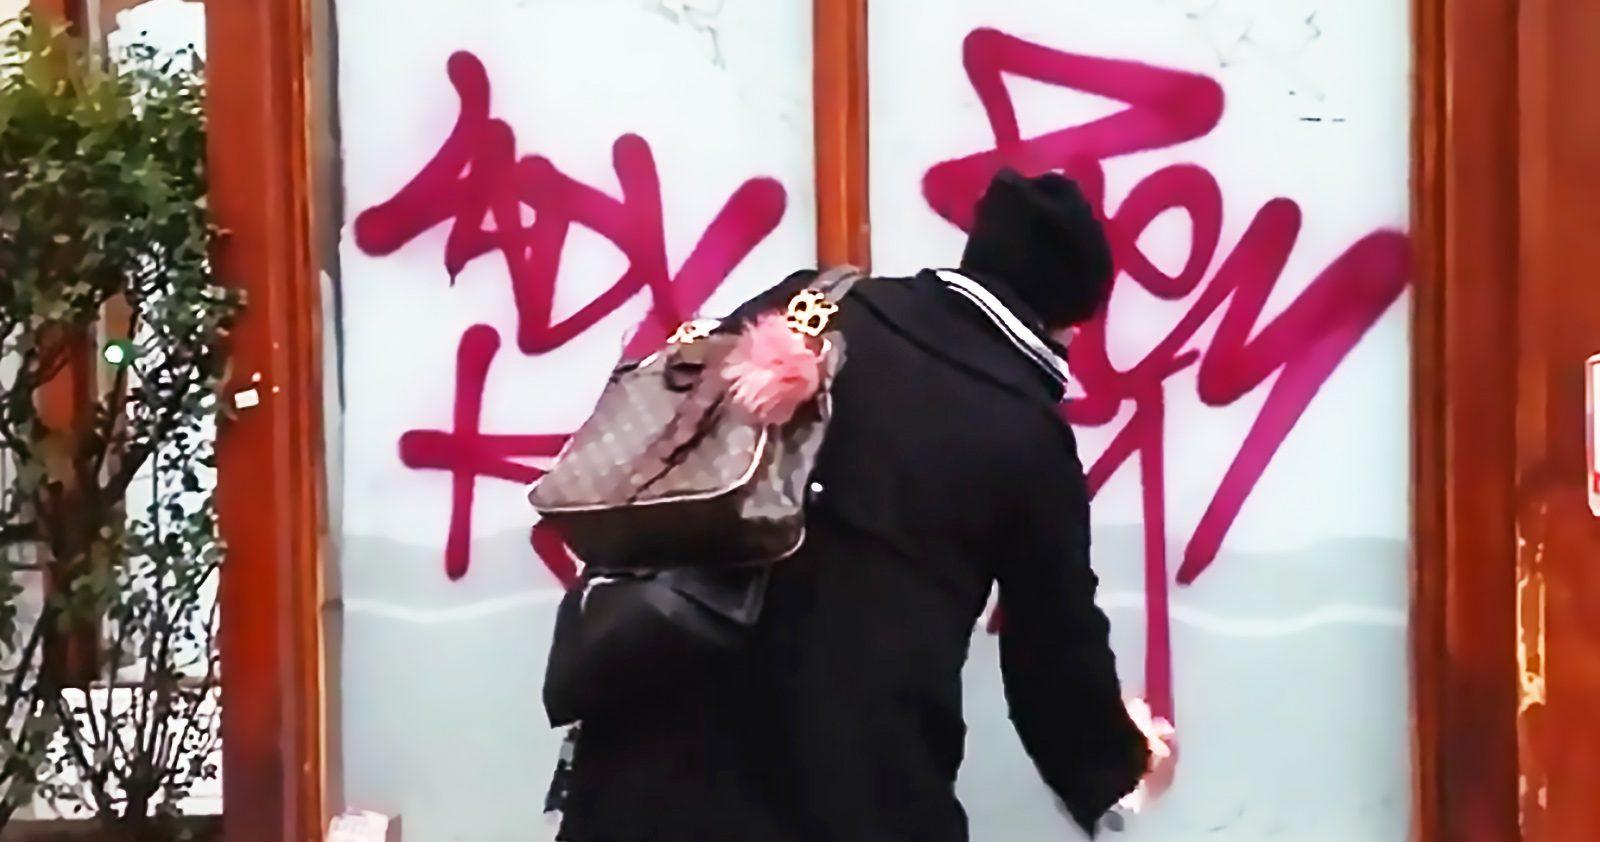 Le Graffiti, un truc de mec? On a demandé à Lady K